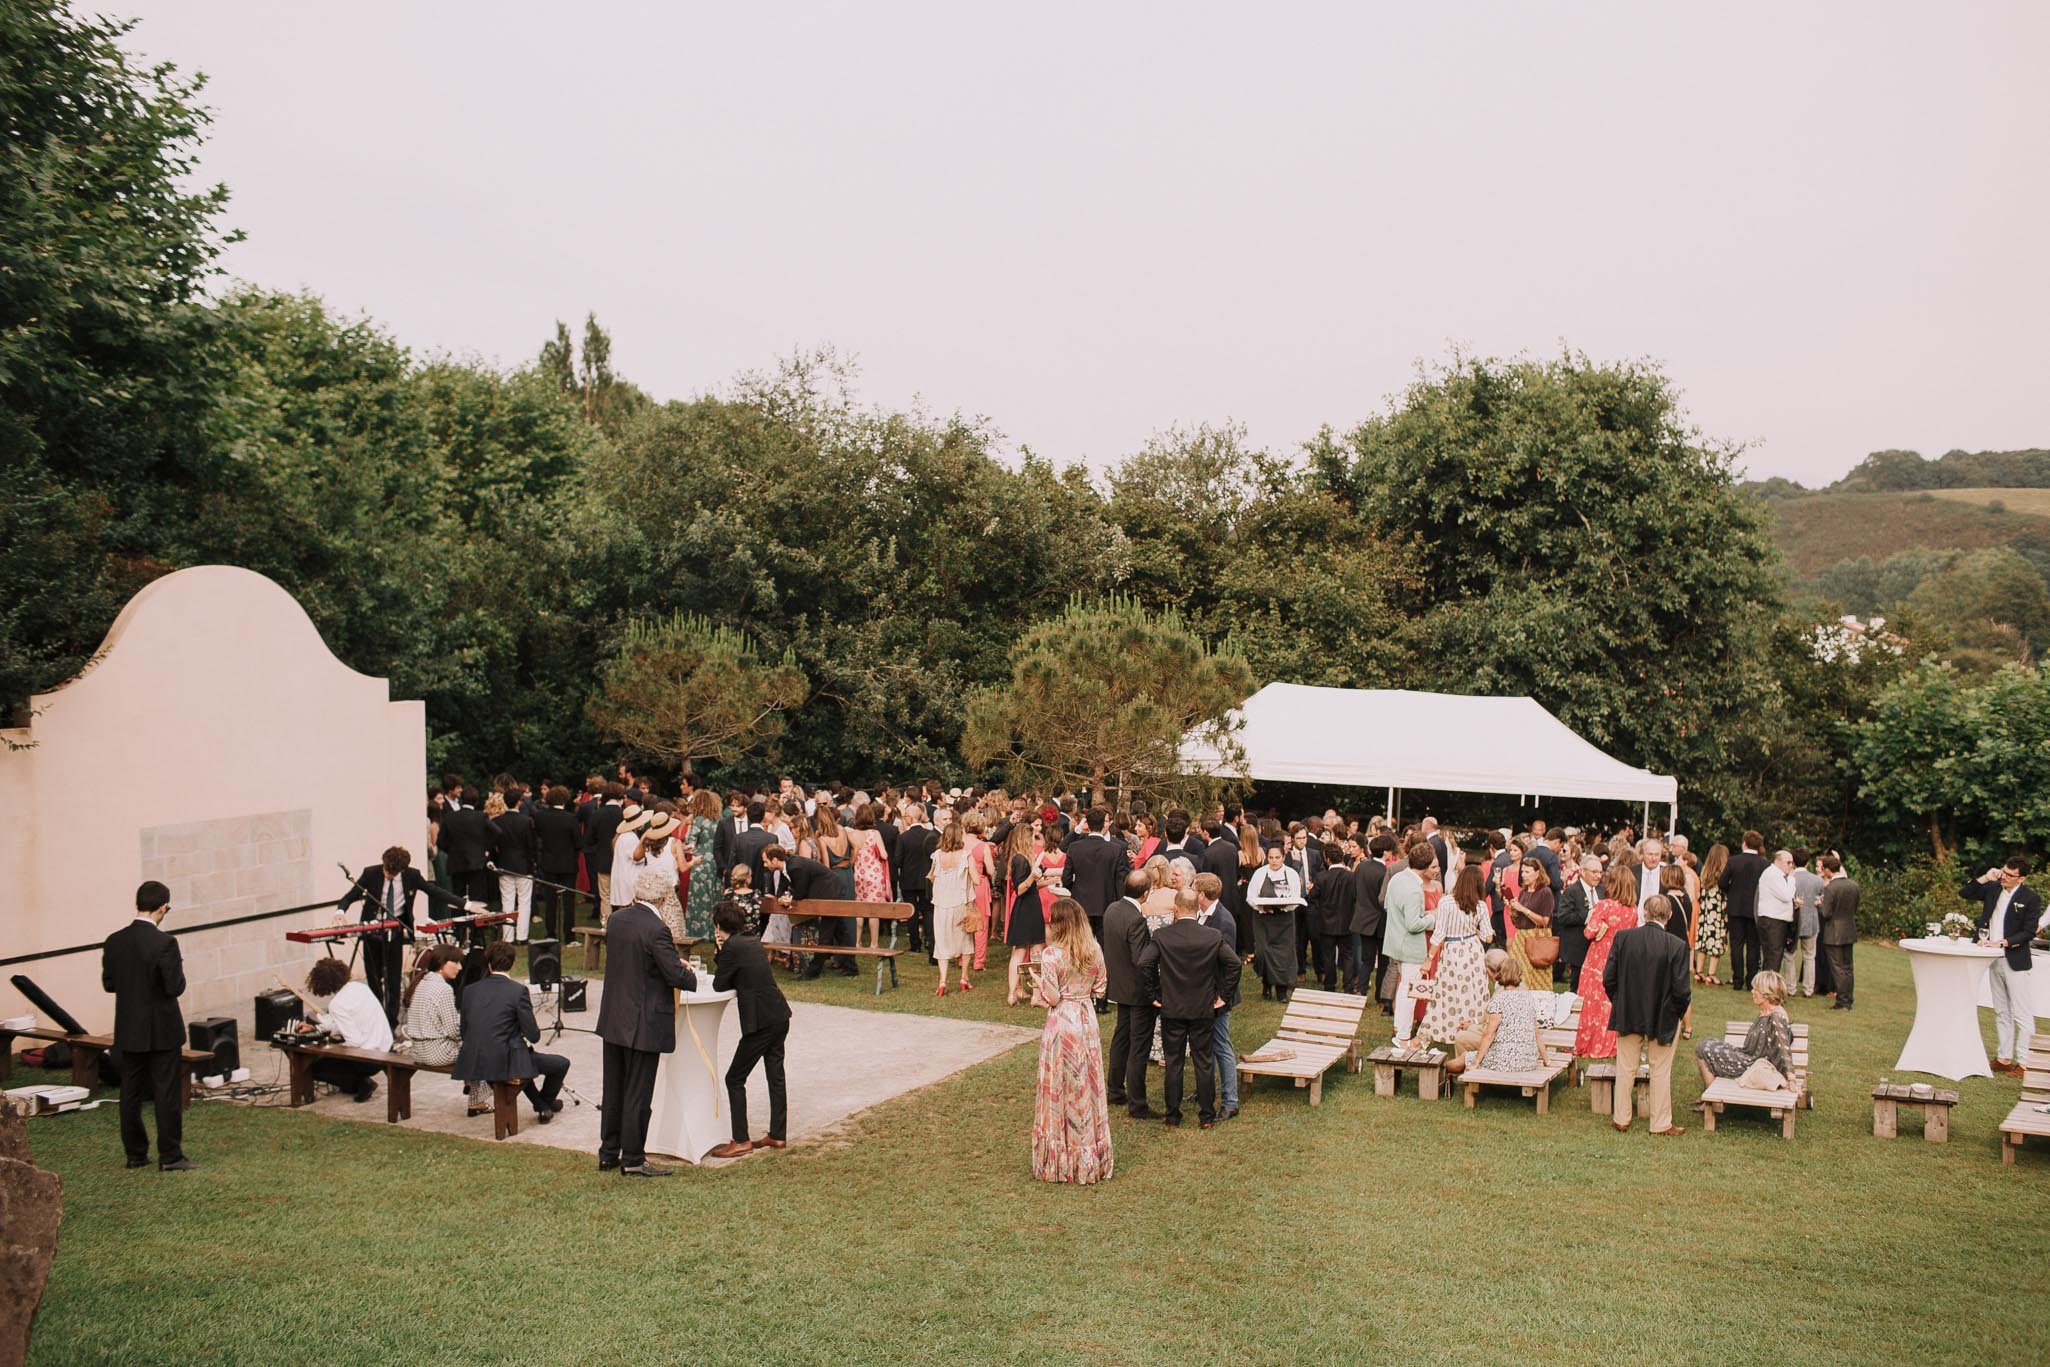 Photographe-mariage-bordeaux-jeremy-boyer-pays-basque-ihartze-artea-sare-robe-eleonore-pauc-couple-amour-99.jpg